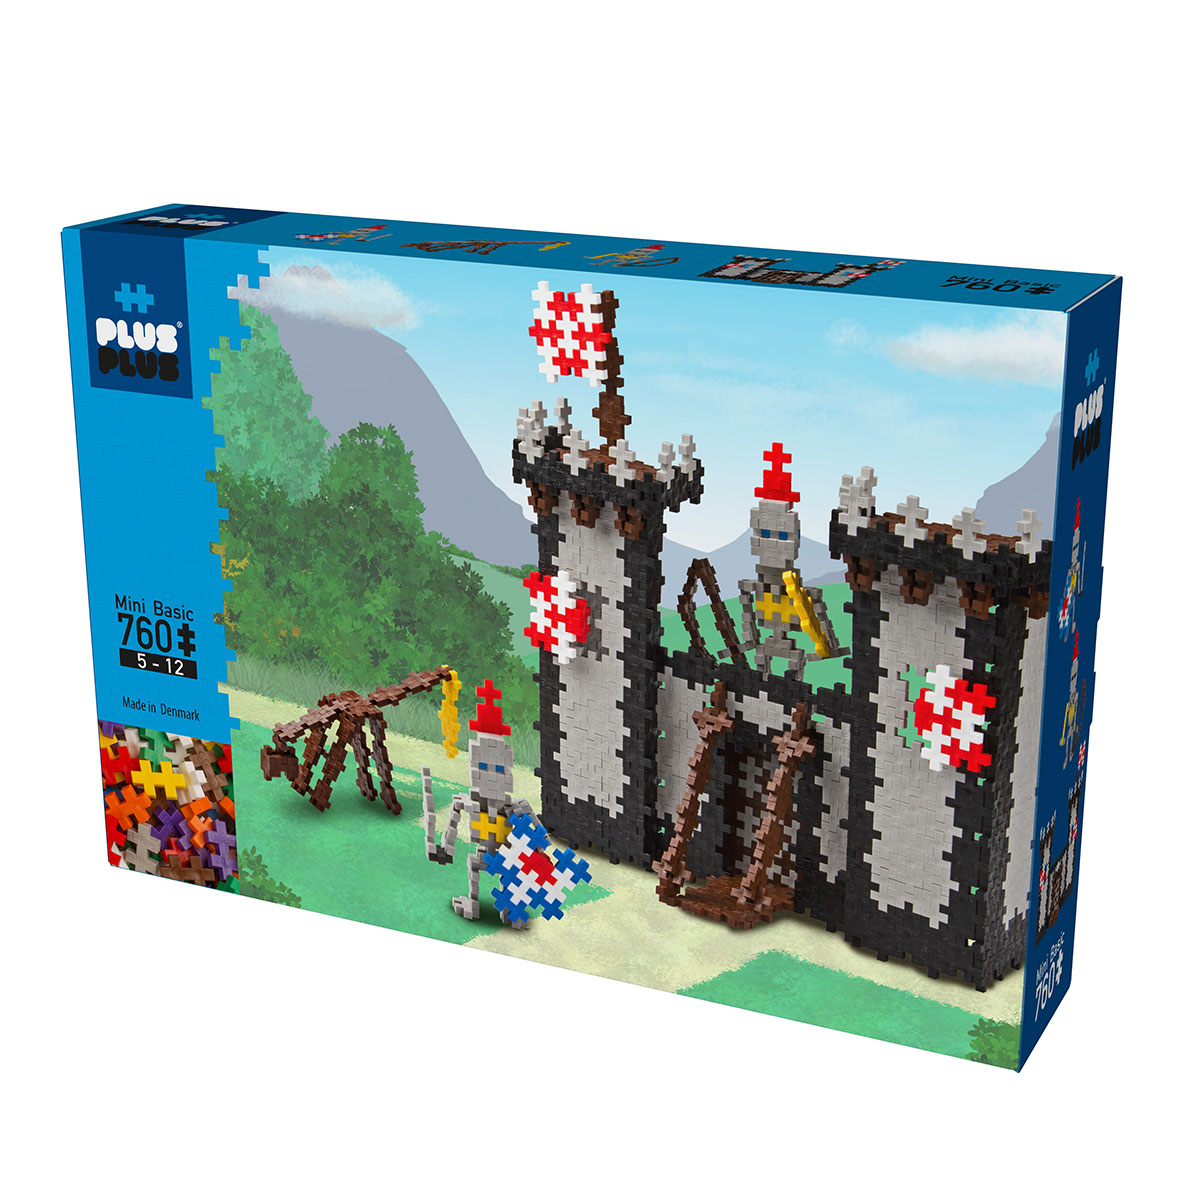 Plus Plus Box mini basic - 760 pièces - château fort